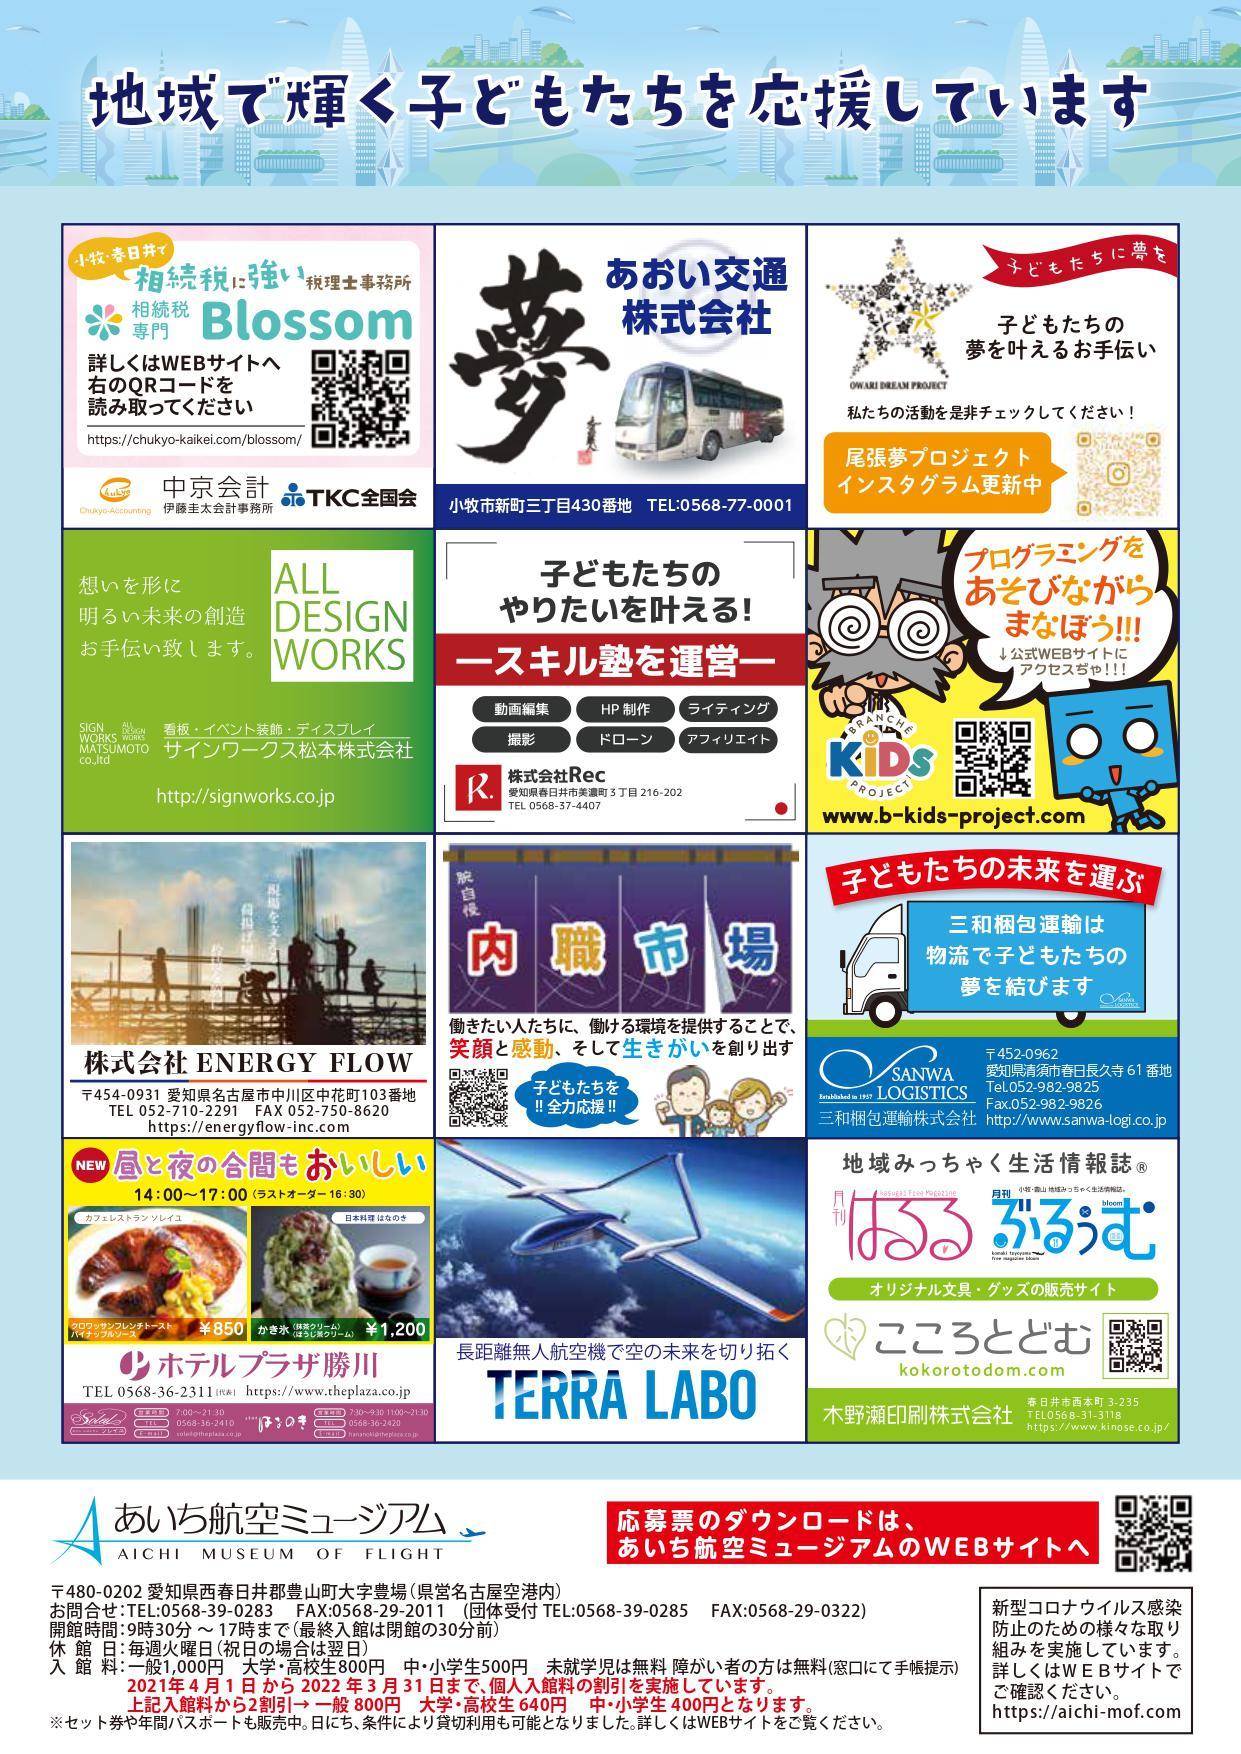 夢空コンテスト_チラシ_page-0002.jpg